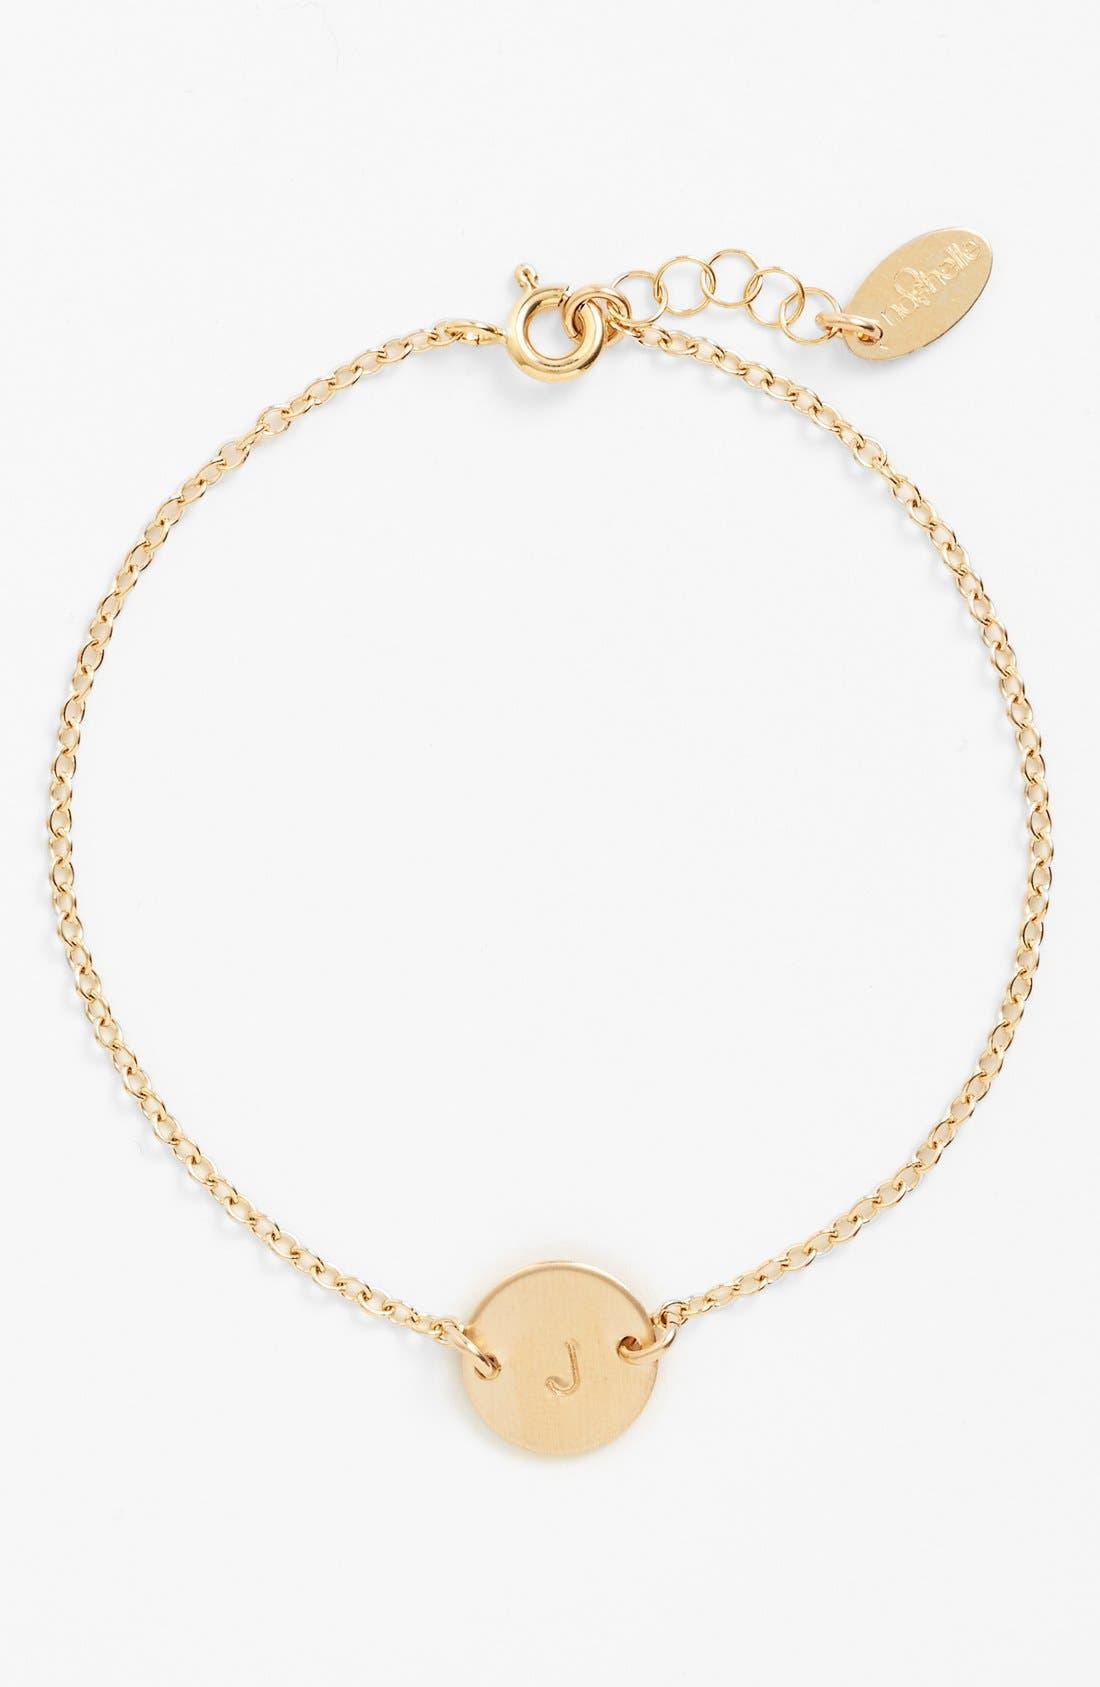 Initial Mini Disc Bracelet,                         Main,                         color, 14K Gold Fill J